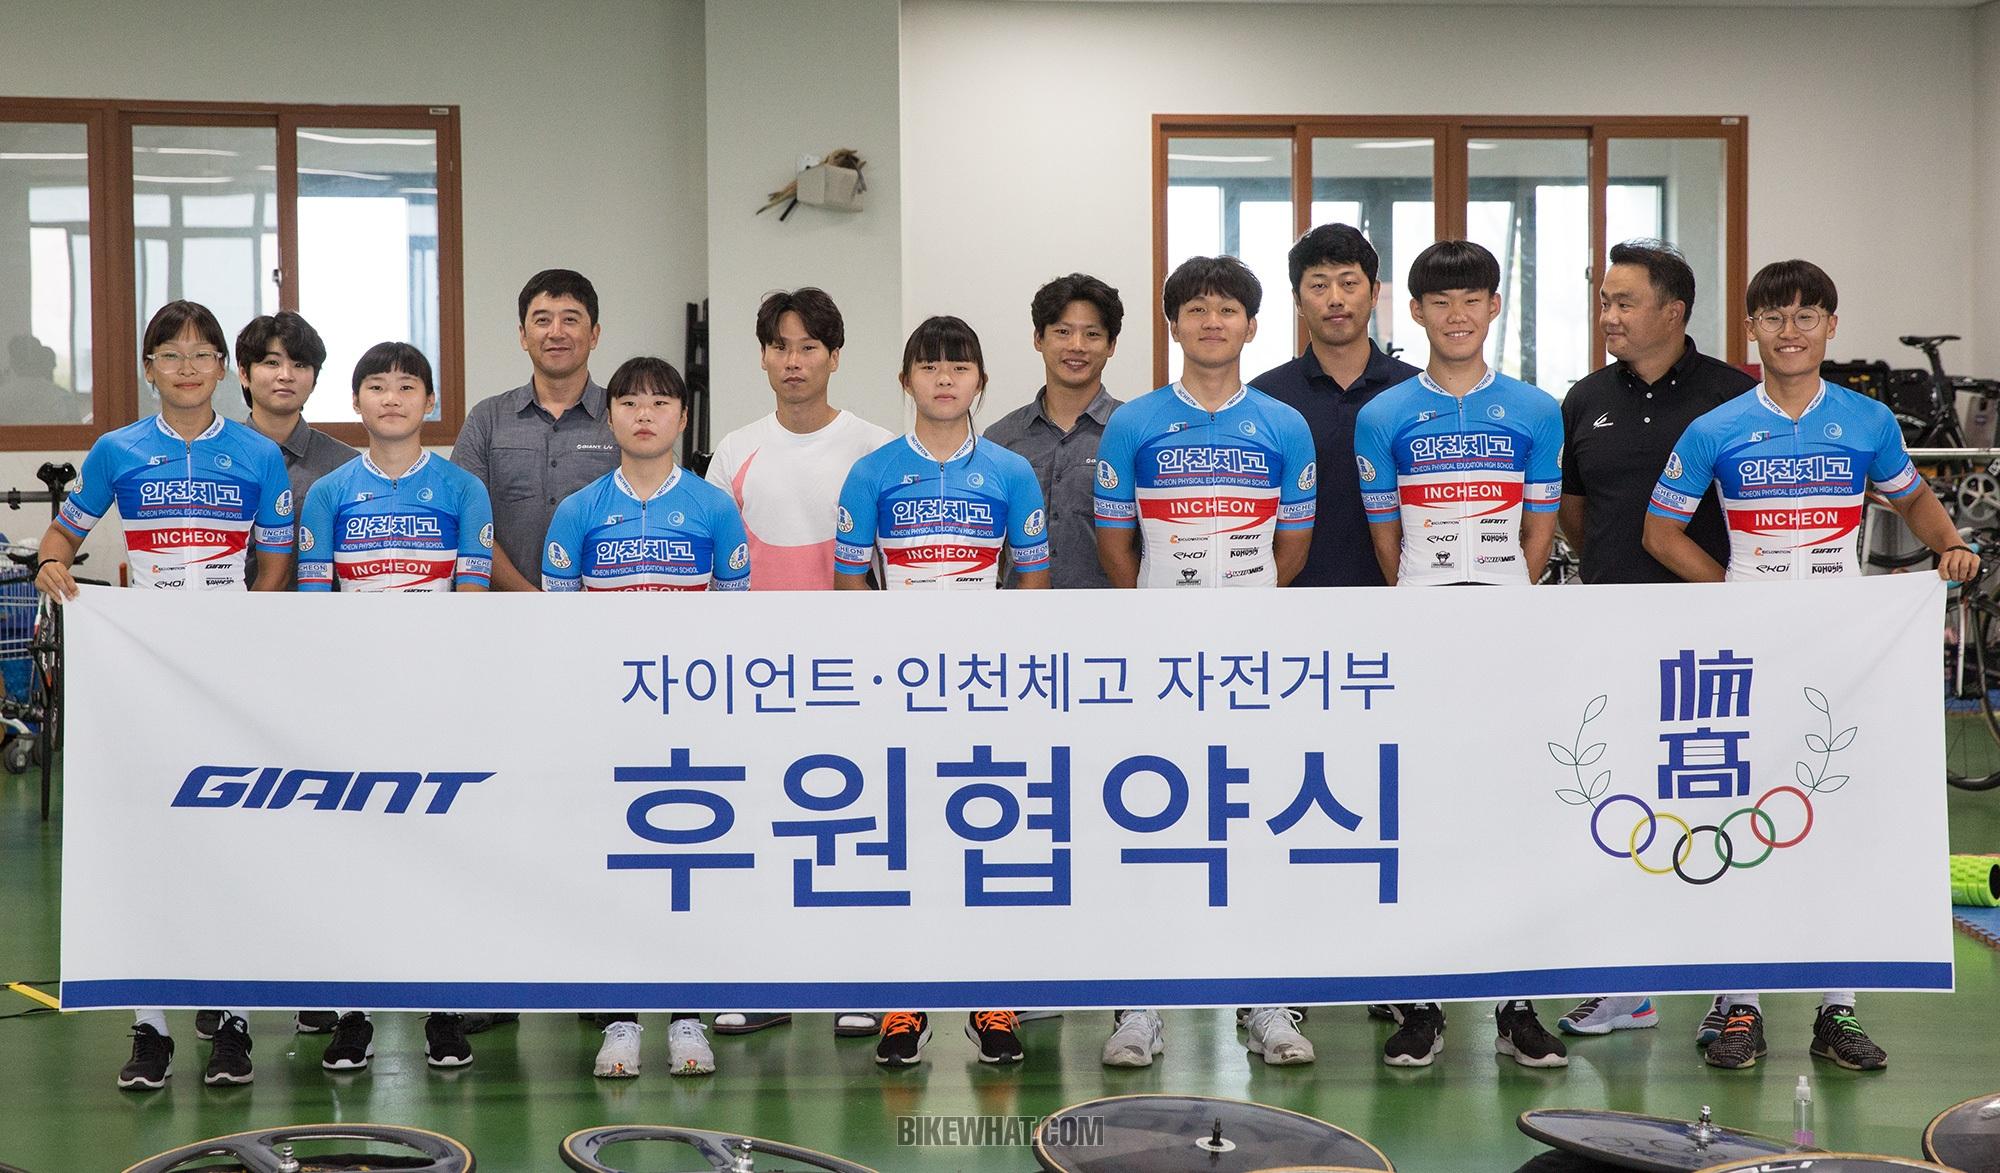 news_Giant_Incheon_3.jpg